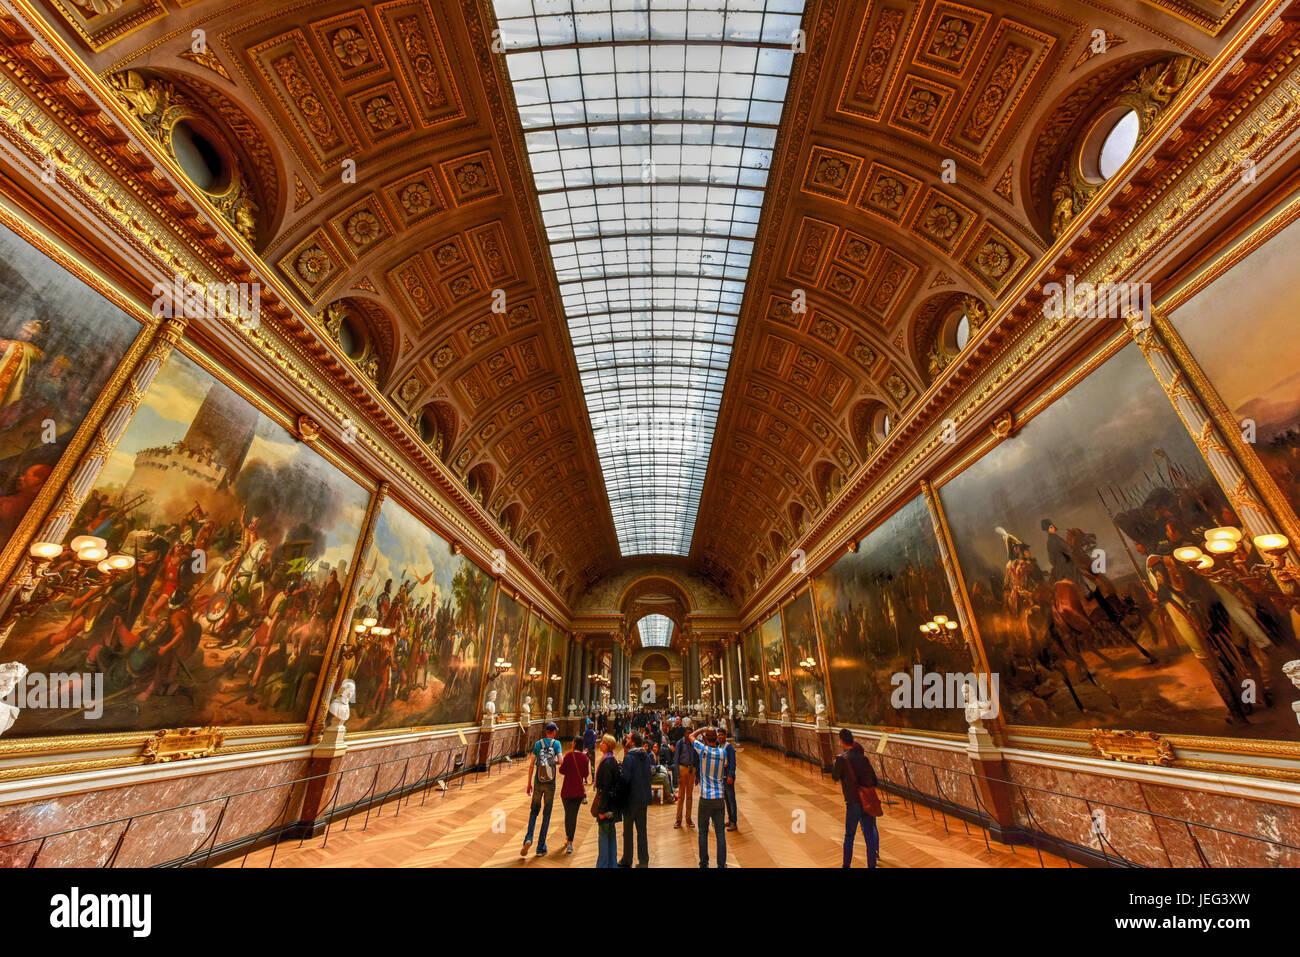 Versailles, Frankreich - 14. Mai 2017: Die Schlachten Galerie im Schloss von Versailles in Frankreich. Stockbild